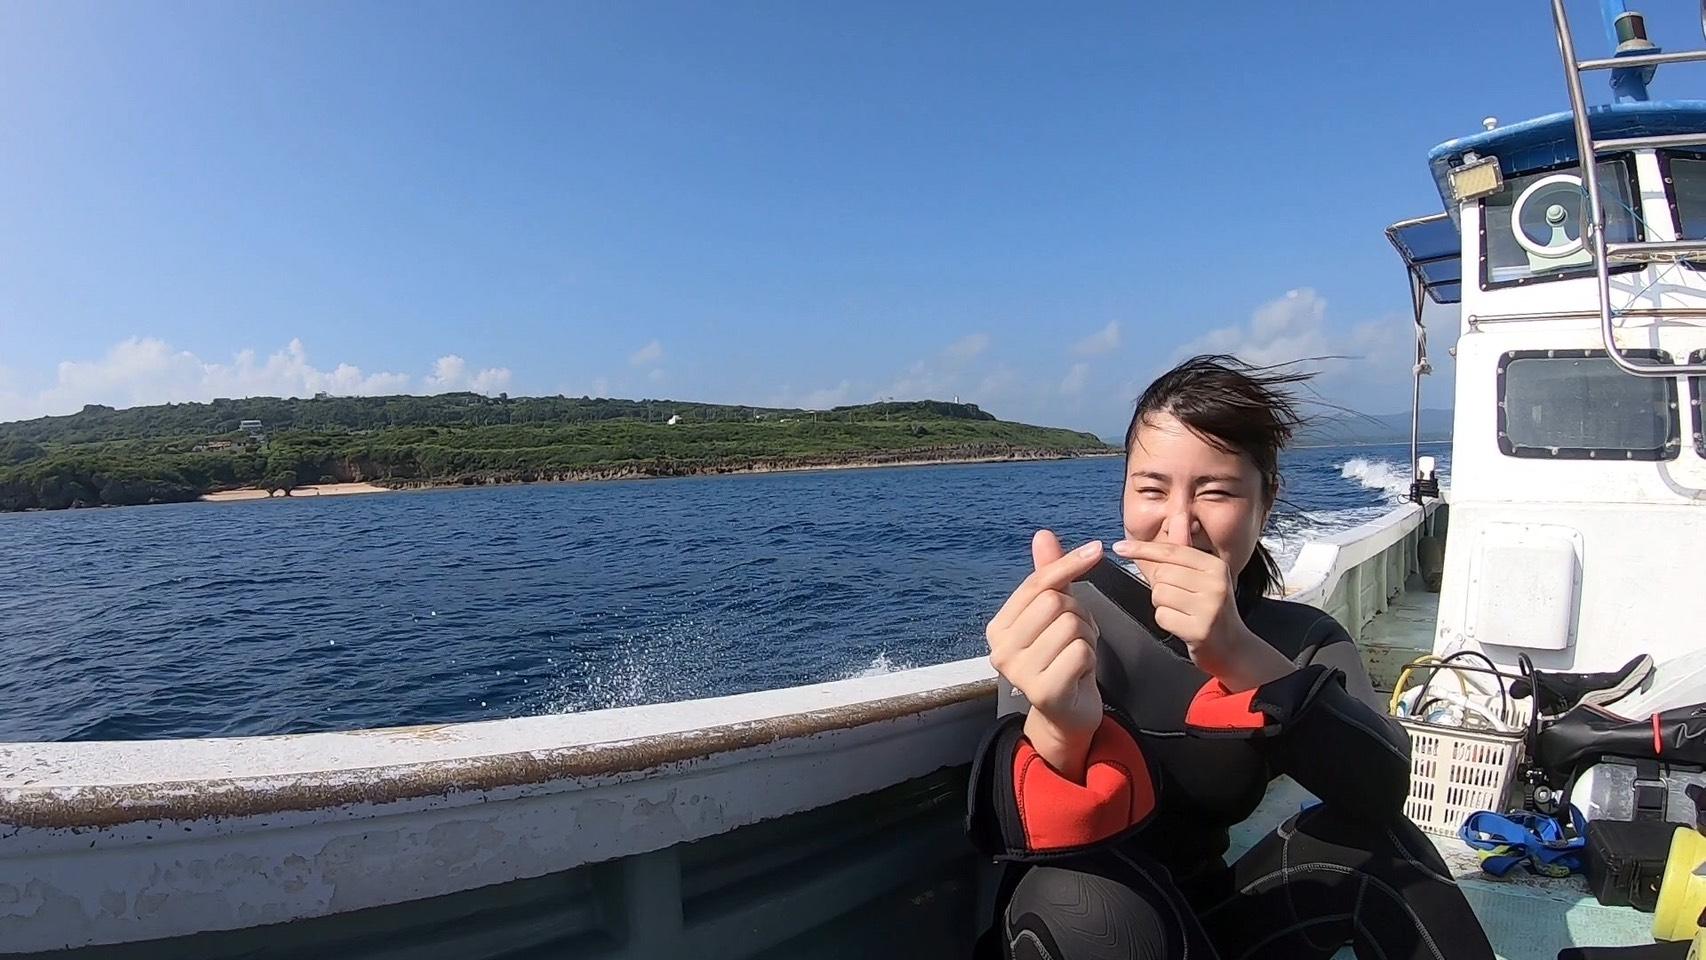 エモンズダイビング 透明度最高の中沈没船エモンズでダイビング